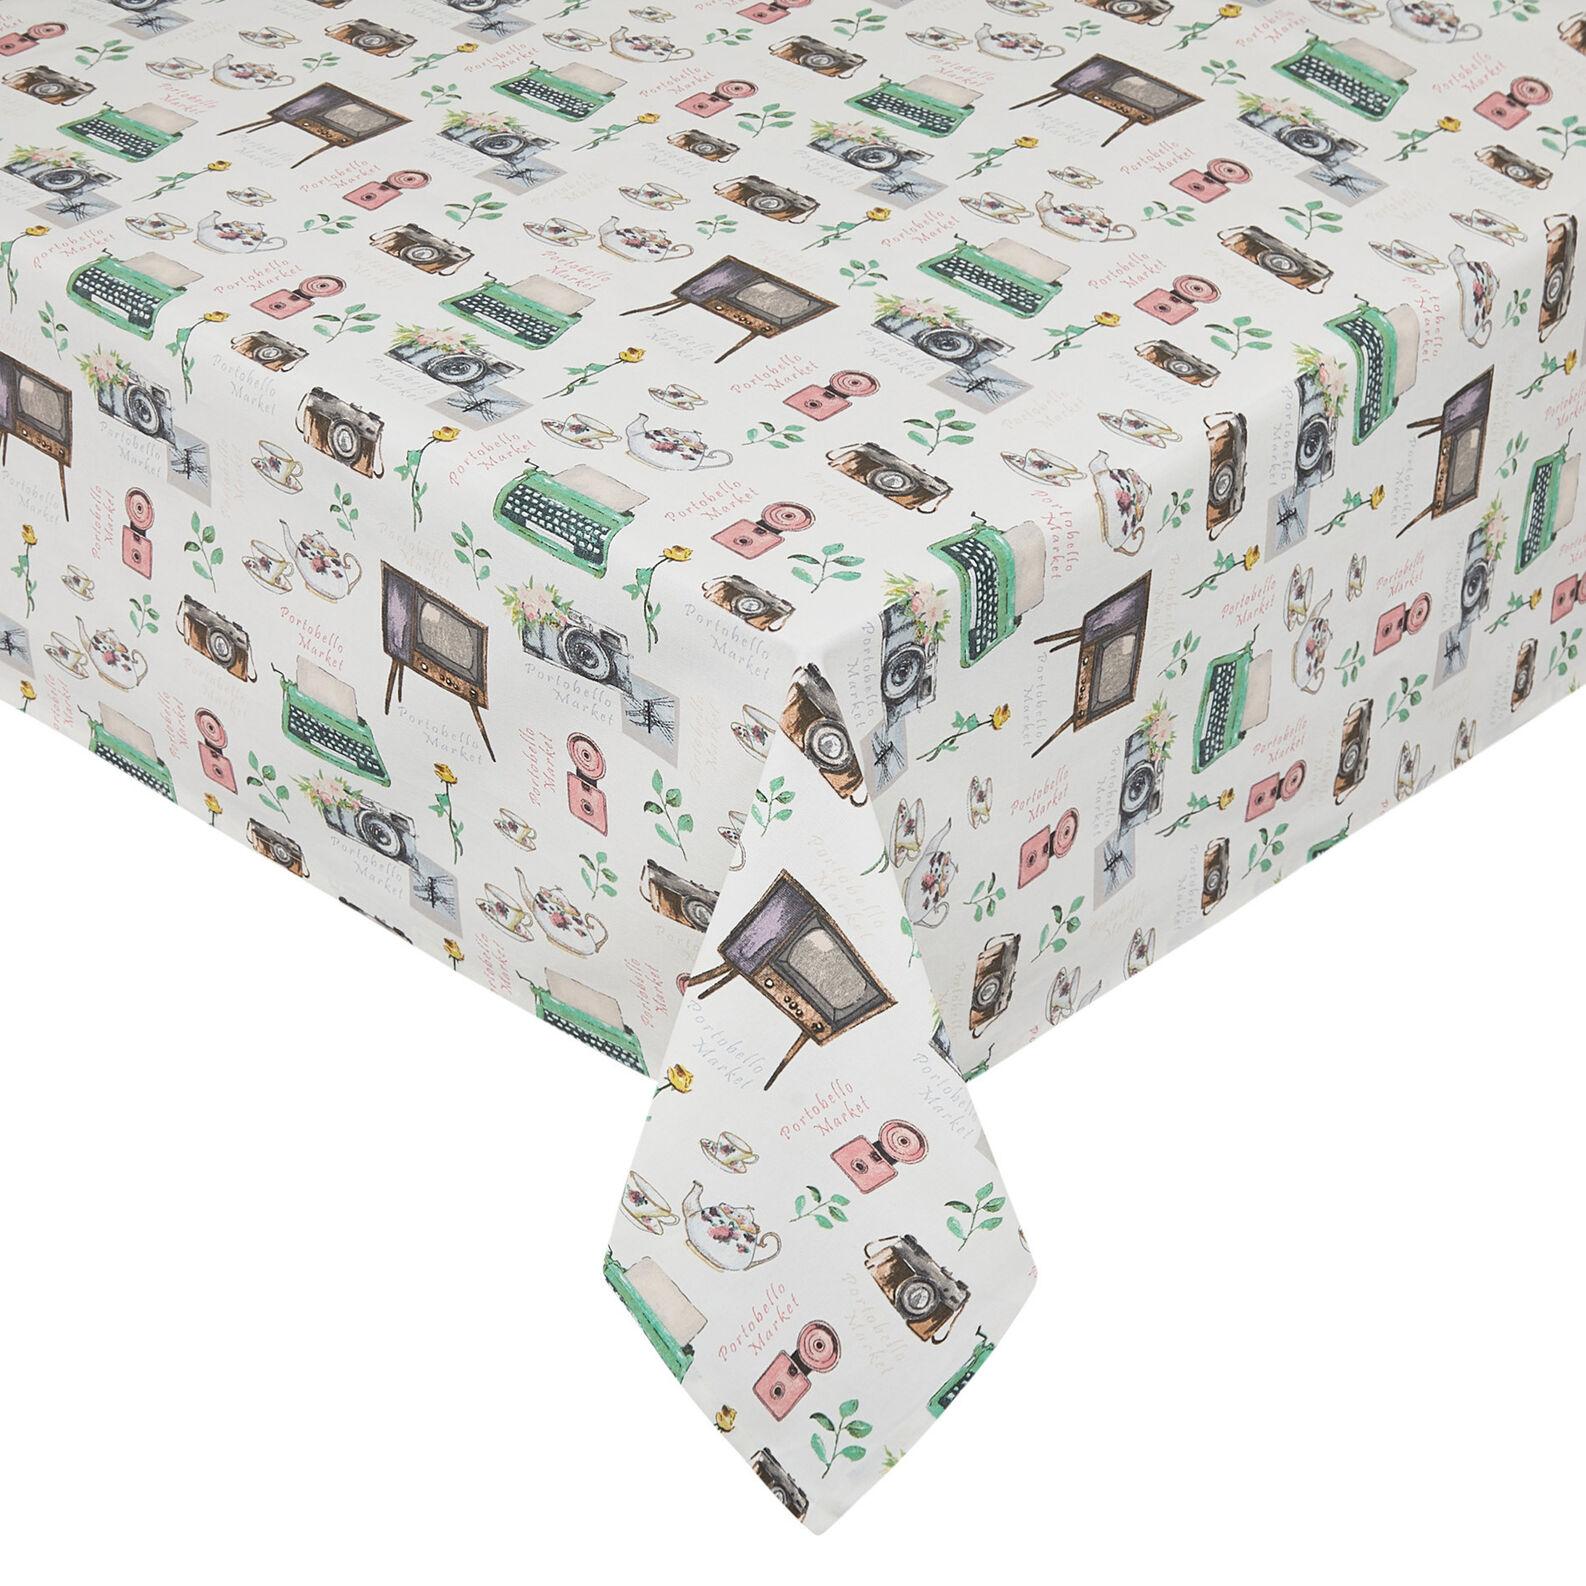 Portobello tablecloth in 100% cotton panama